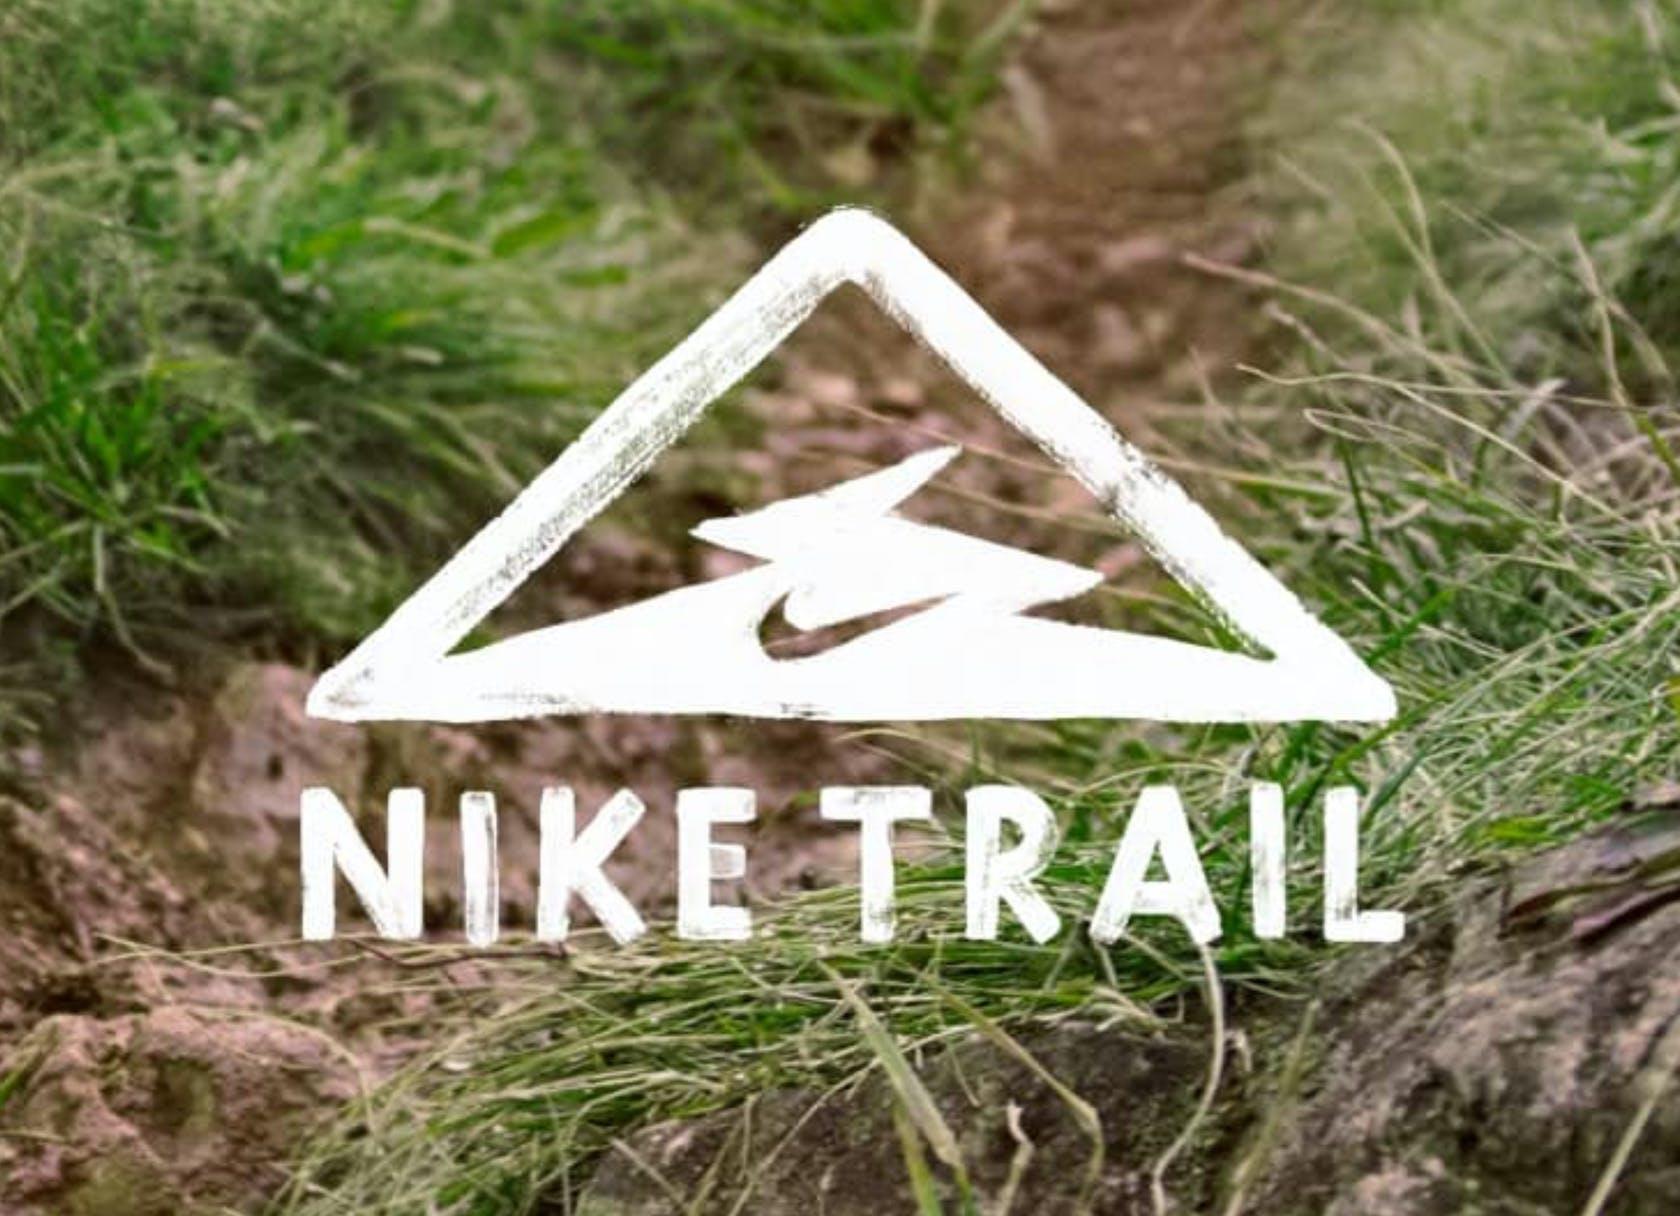 nike trail running abbigliamento scarpe